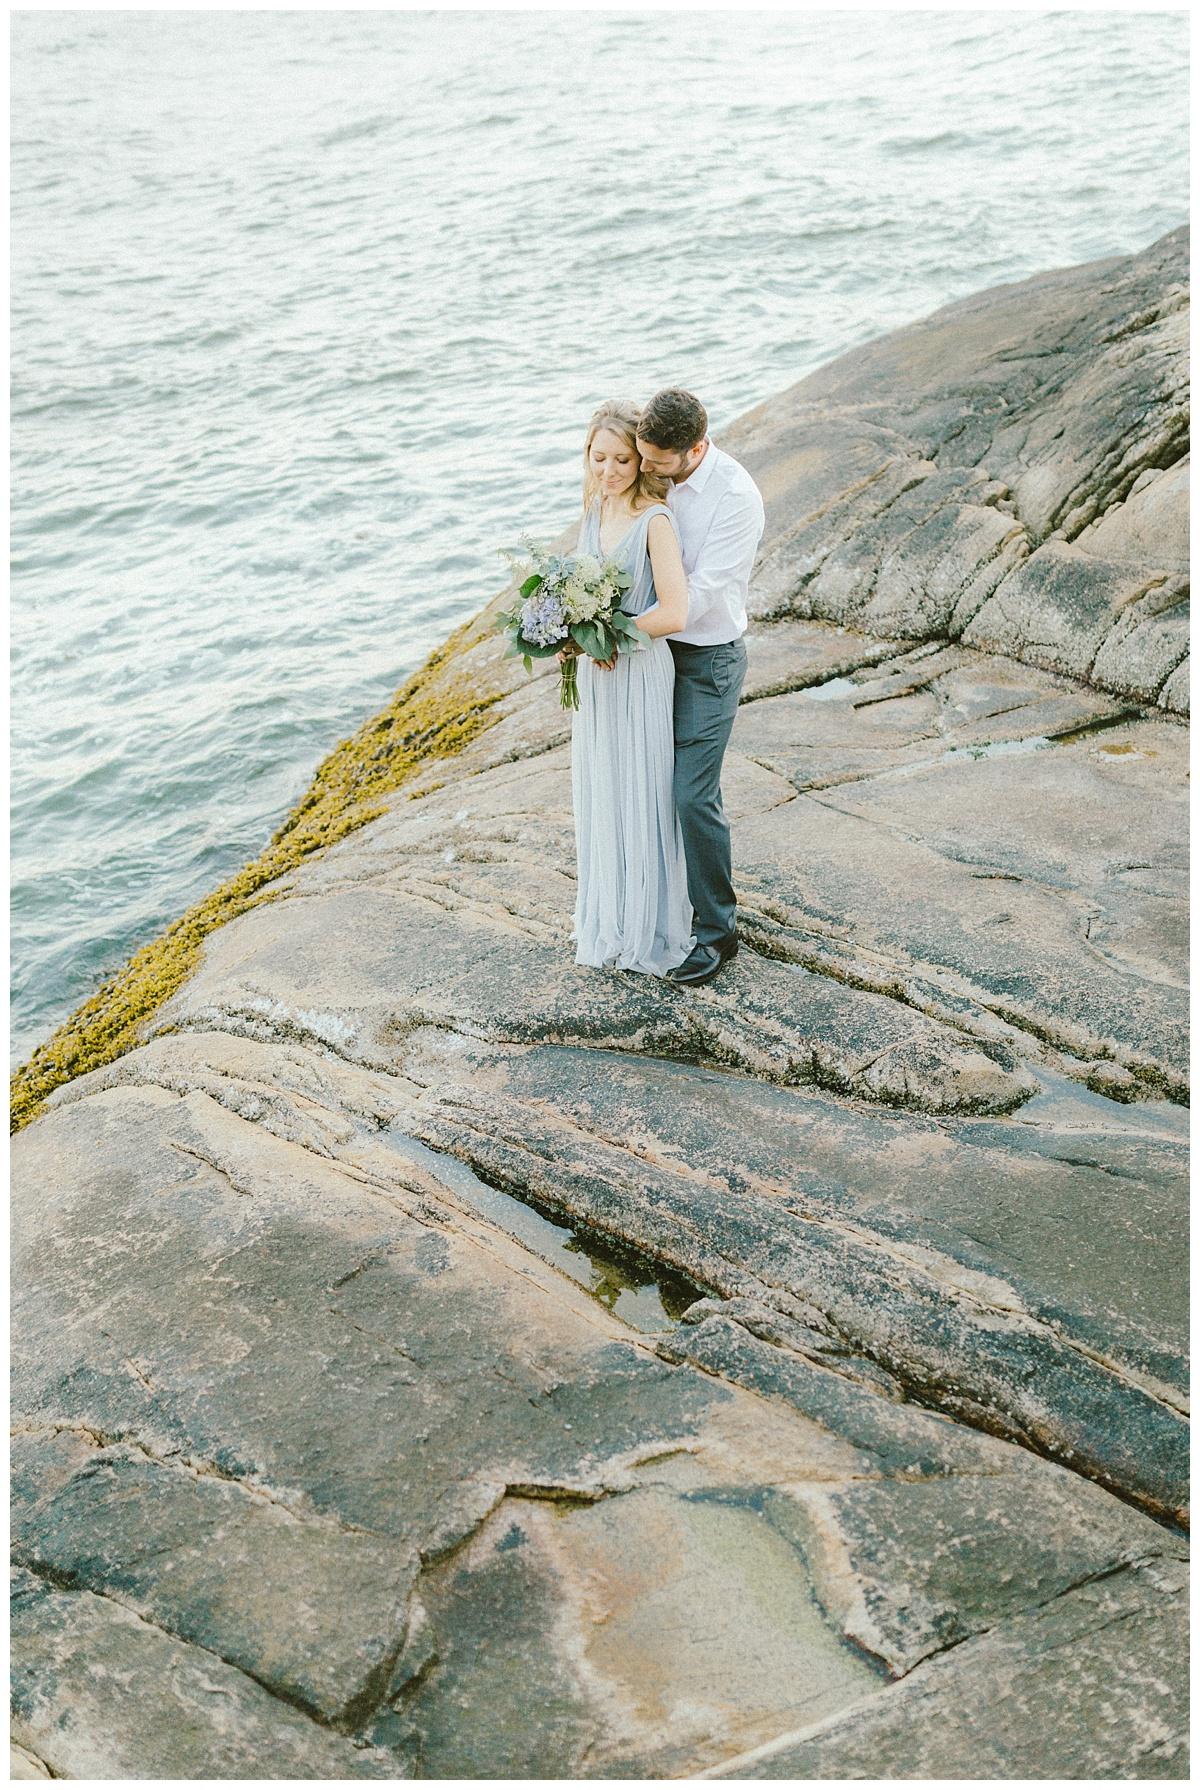 Hong Kong Fine Art Wedding Prewedding Photographer Mattie C. 00032.jpg